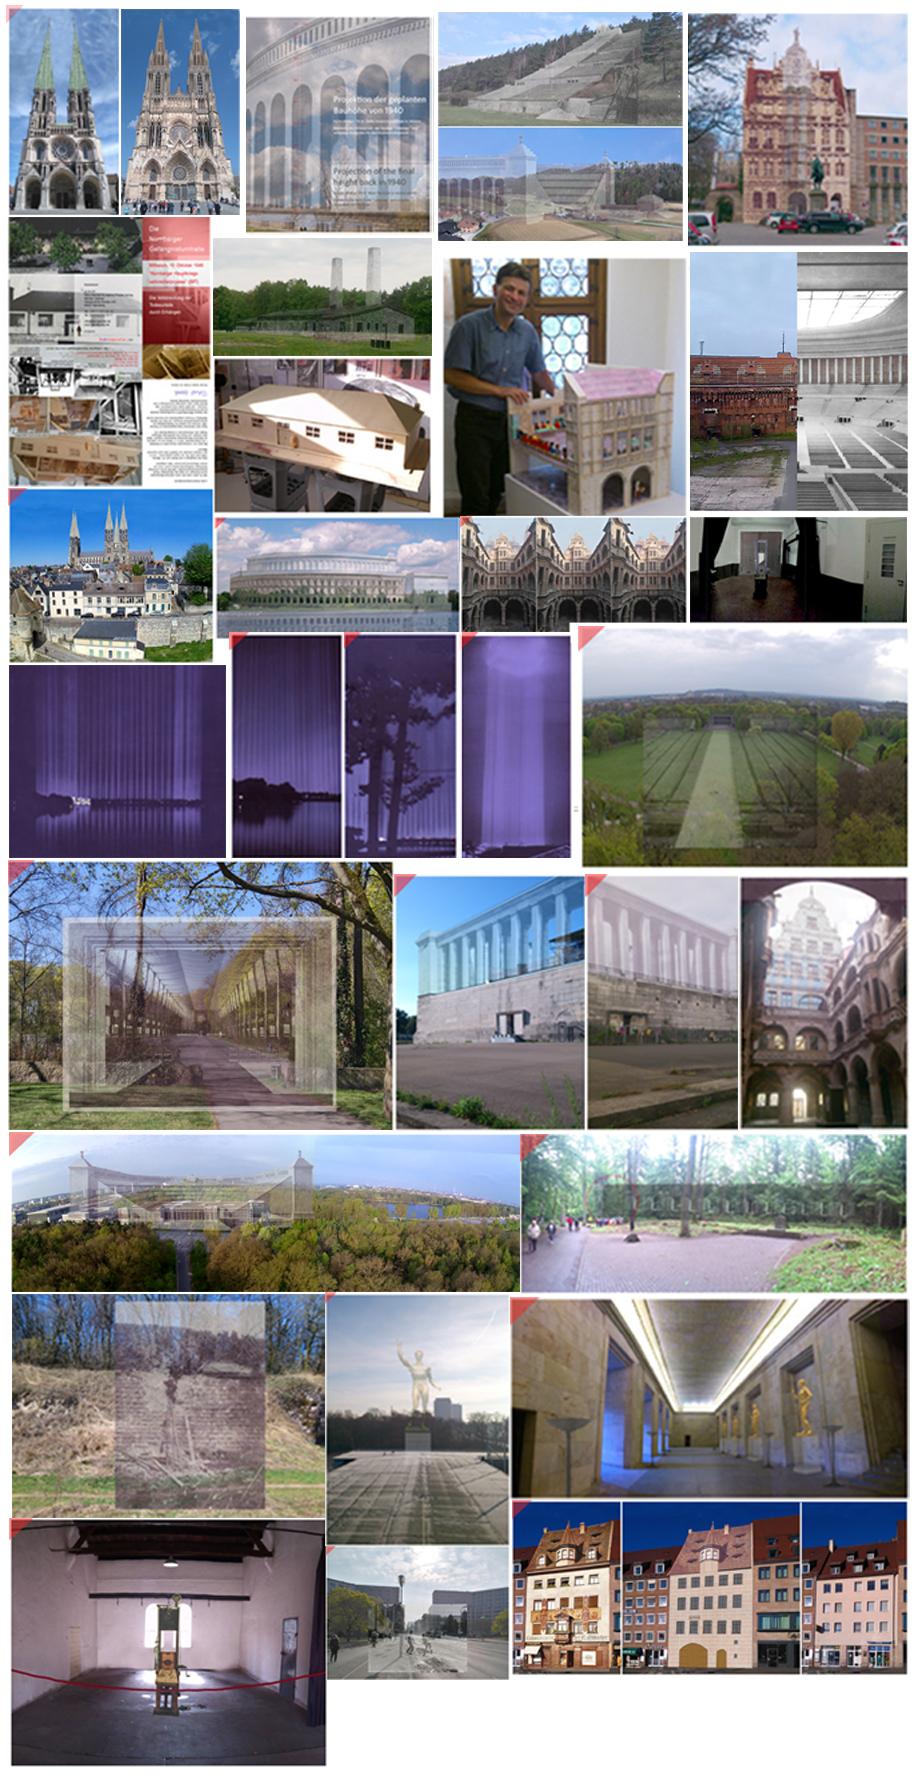 Werke-Galerie-Rekonquista-Works-Gallery-Rekonquista